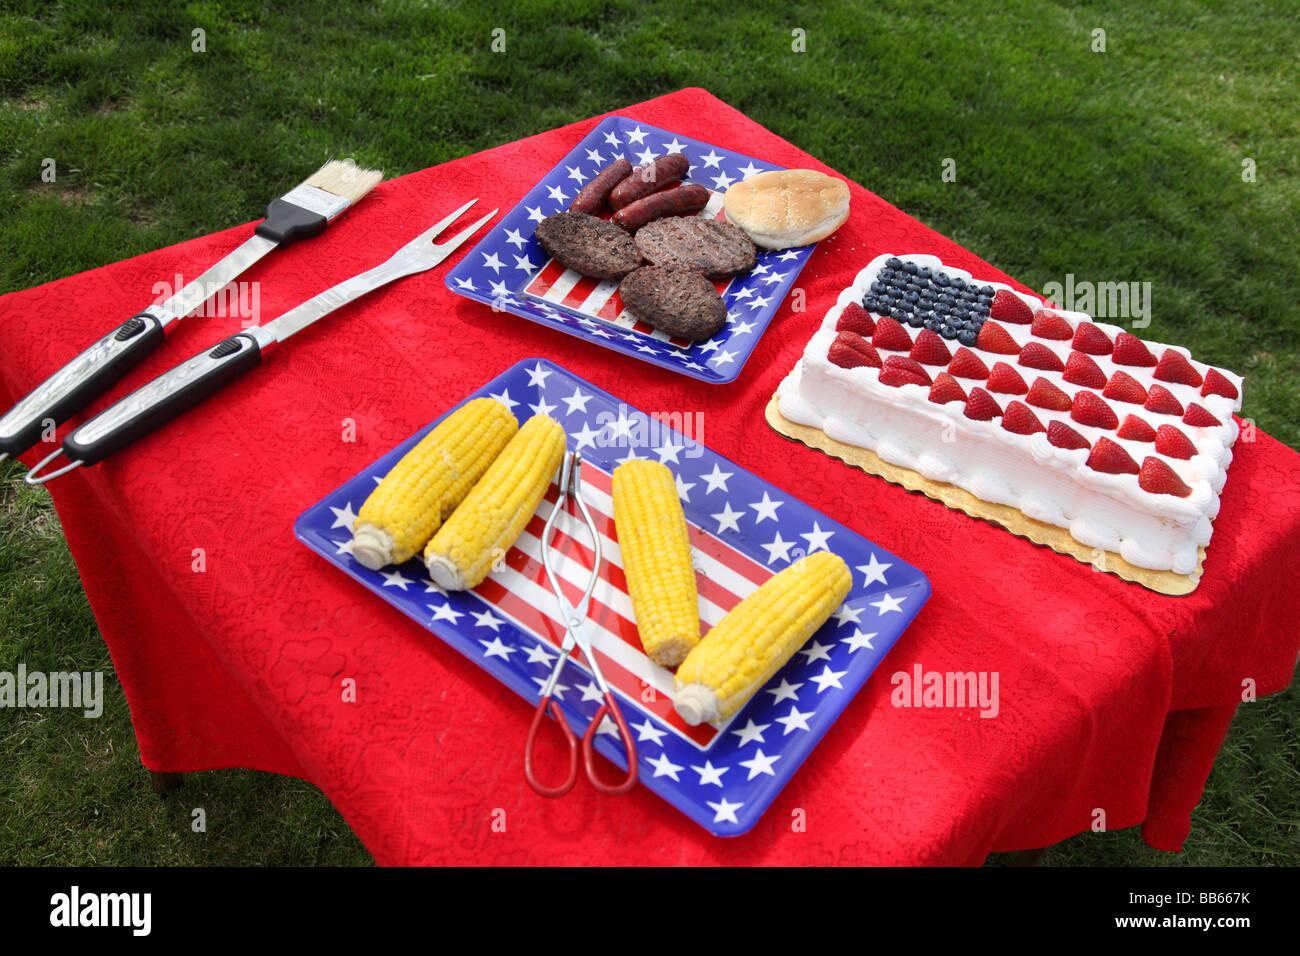 Tabla de alimentos preparados para el 4º de julio de barbacoa Imagen De Stock